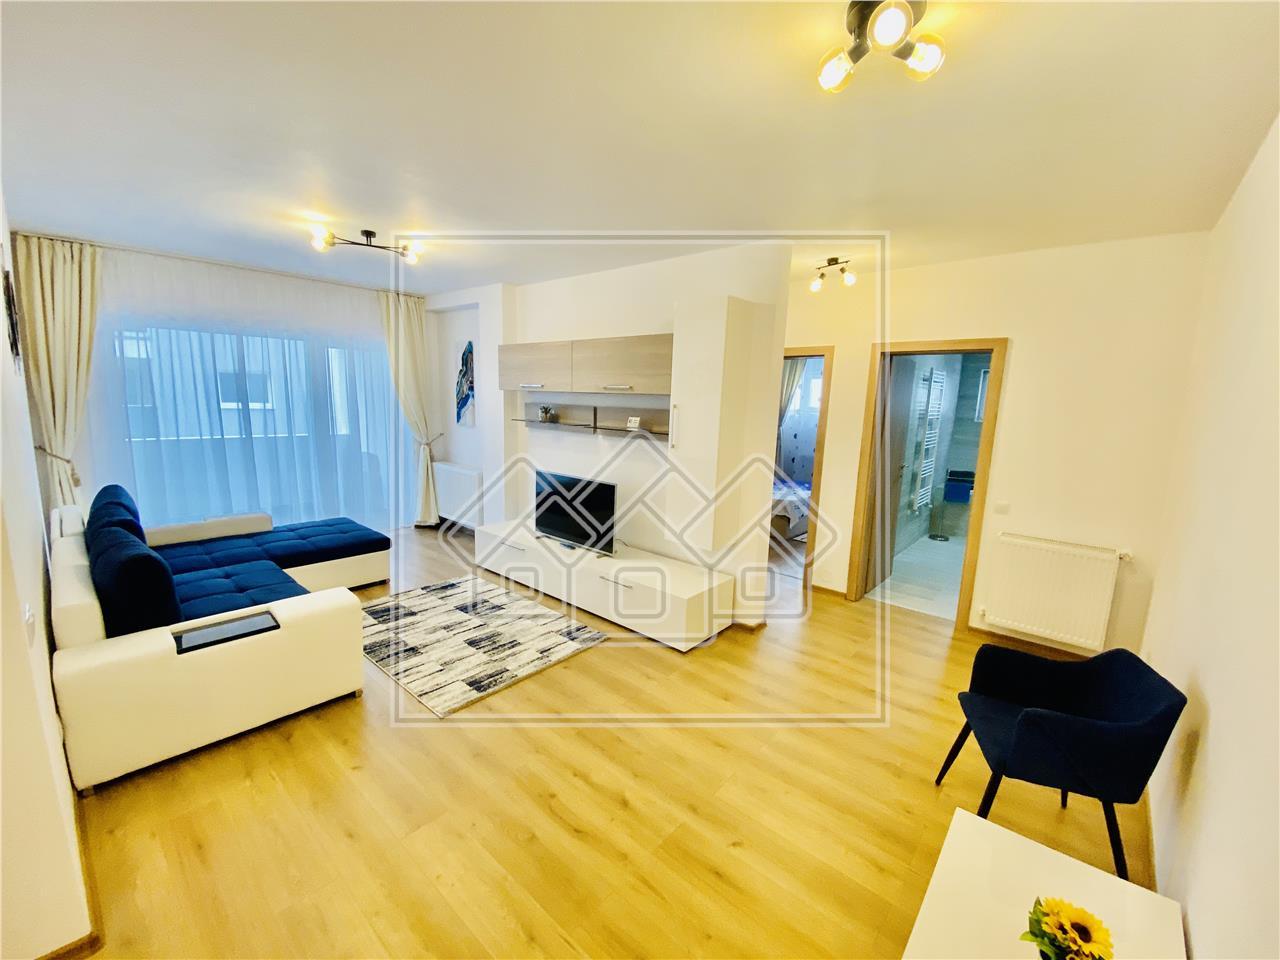 Apartament de inchiriat in Sibiu - 3 camere cu balcon - Kogalniceanu